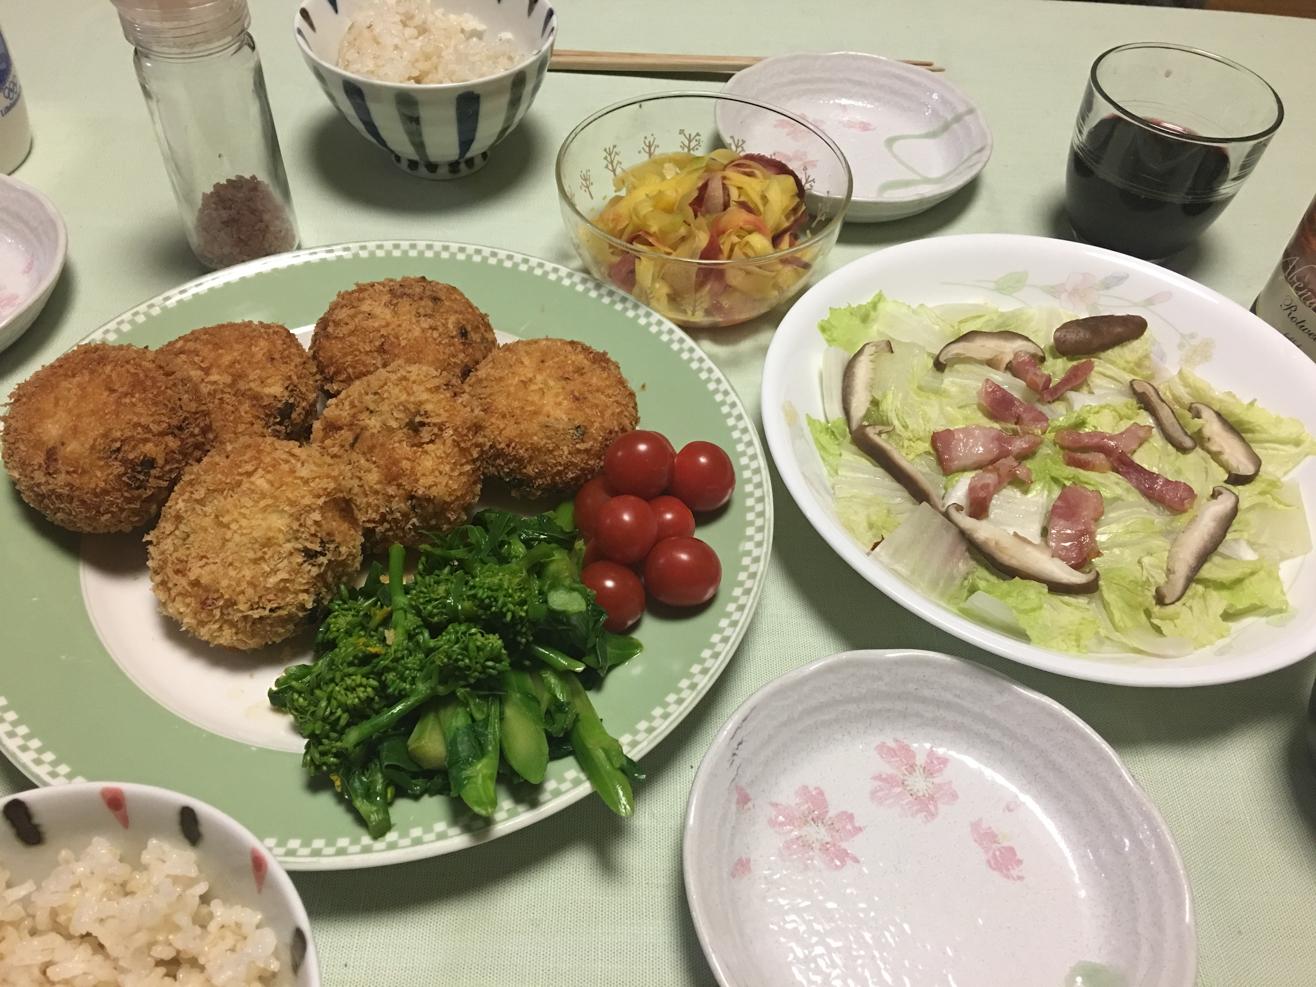 ネギと鮭フレークのコロッケ中心の夕食の写真